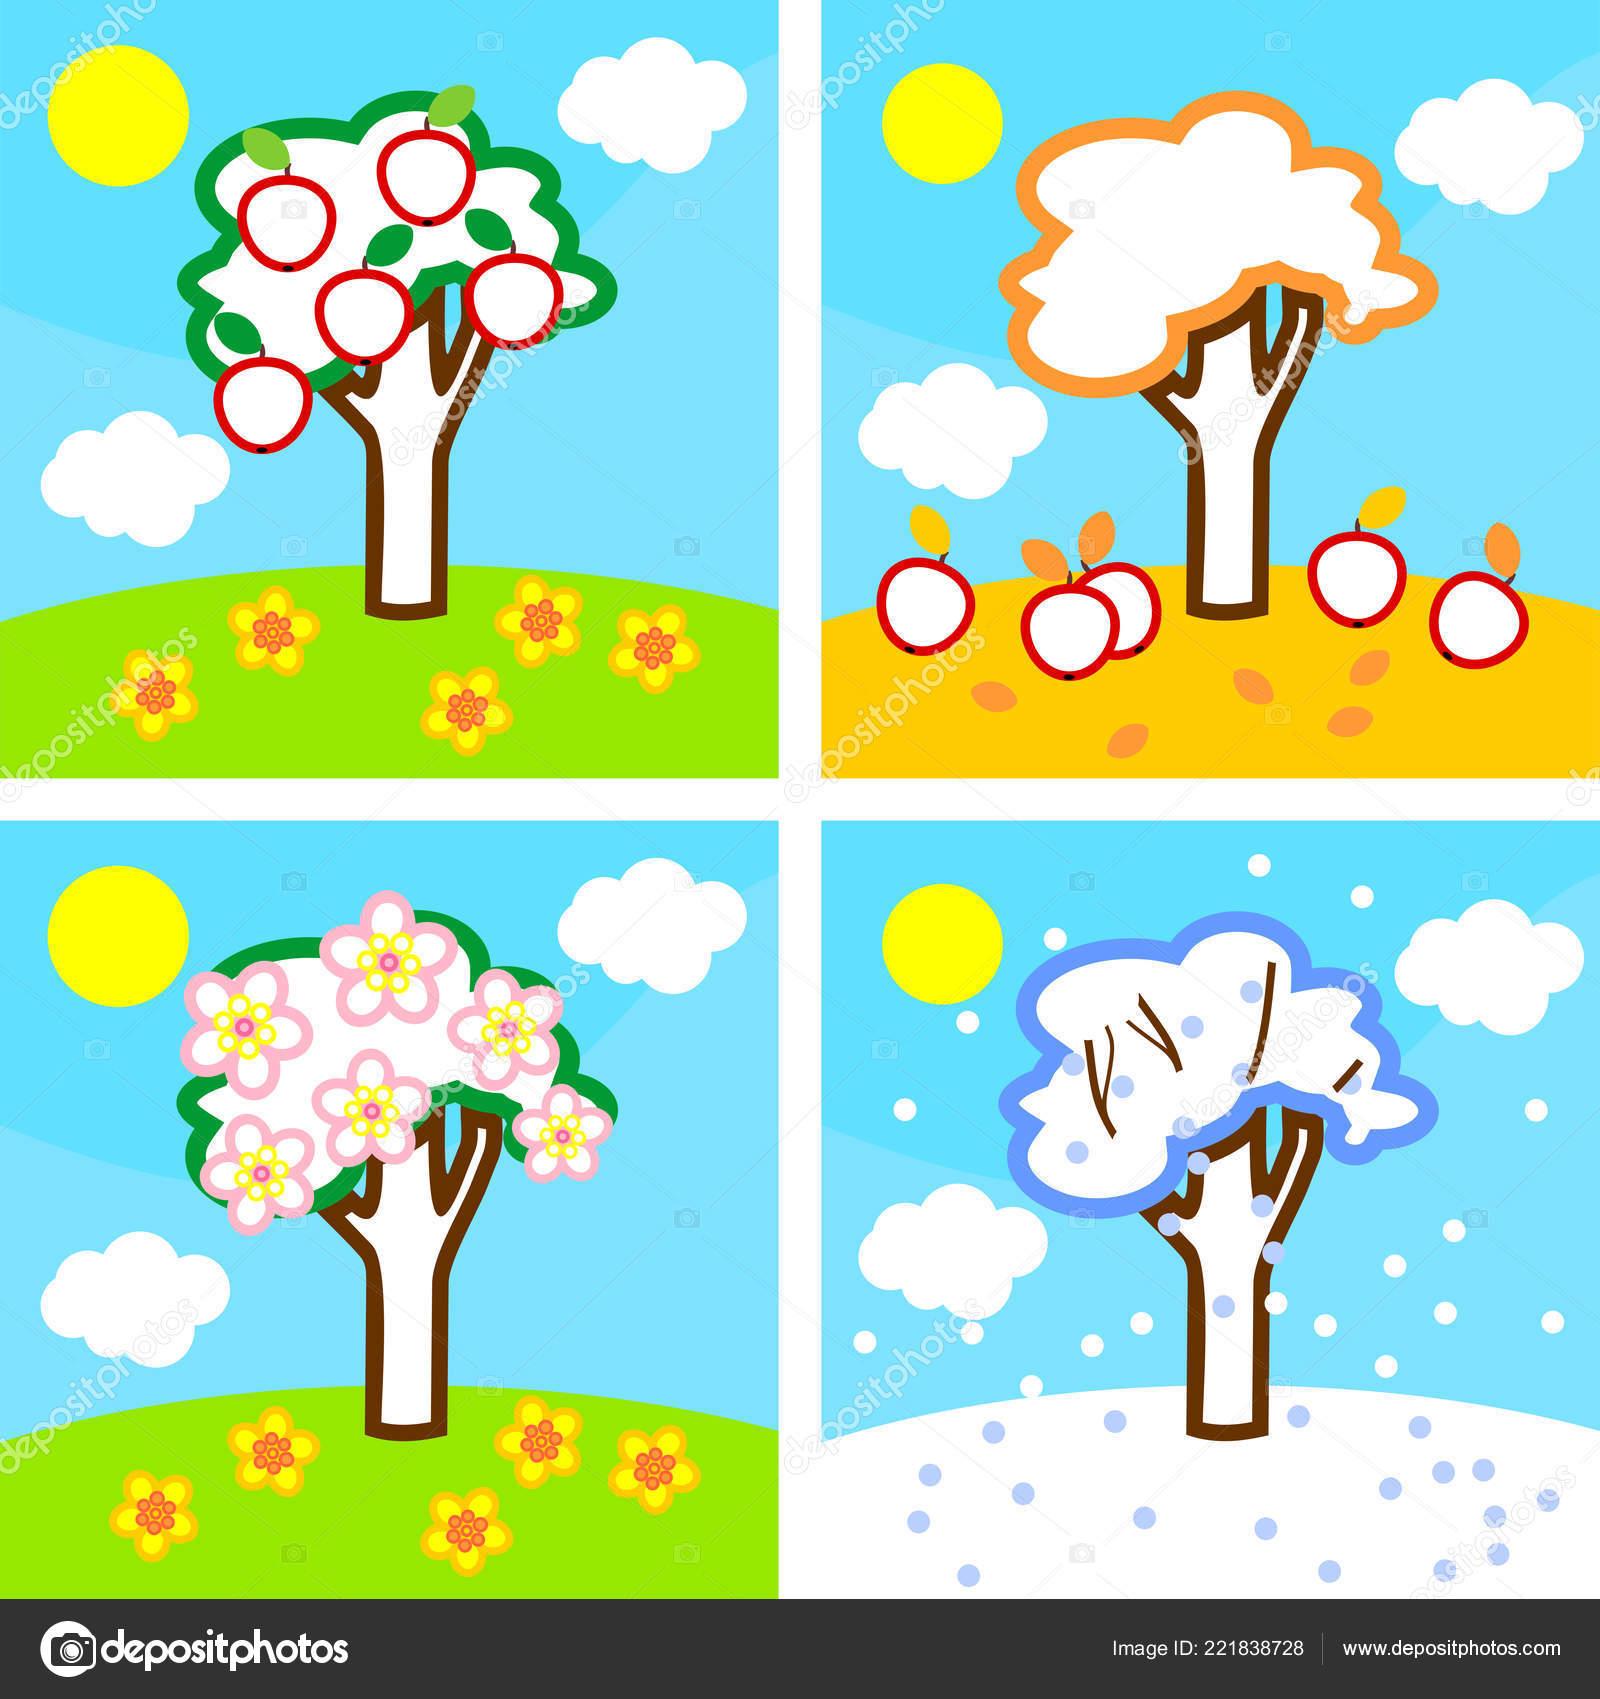 Boyama Sayfası Dört Mevsim Elma Ağacı Ağaç Yaşam Döngüsü Stok